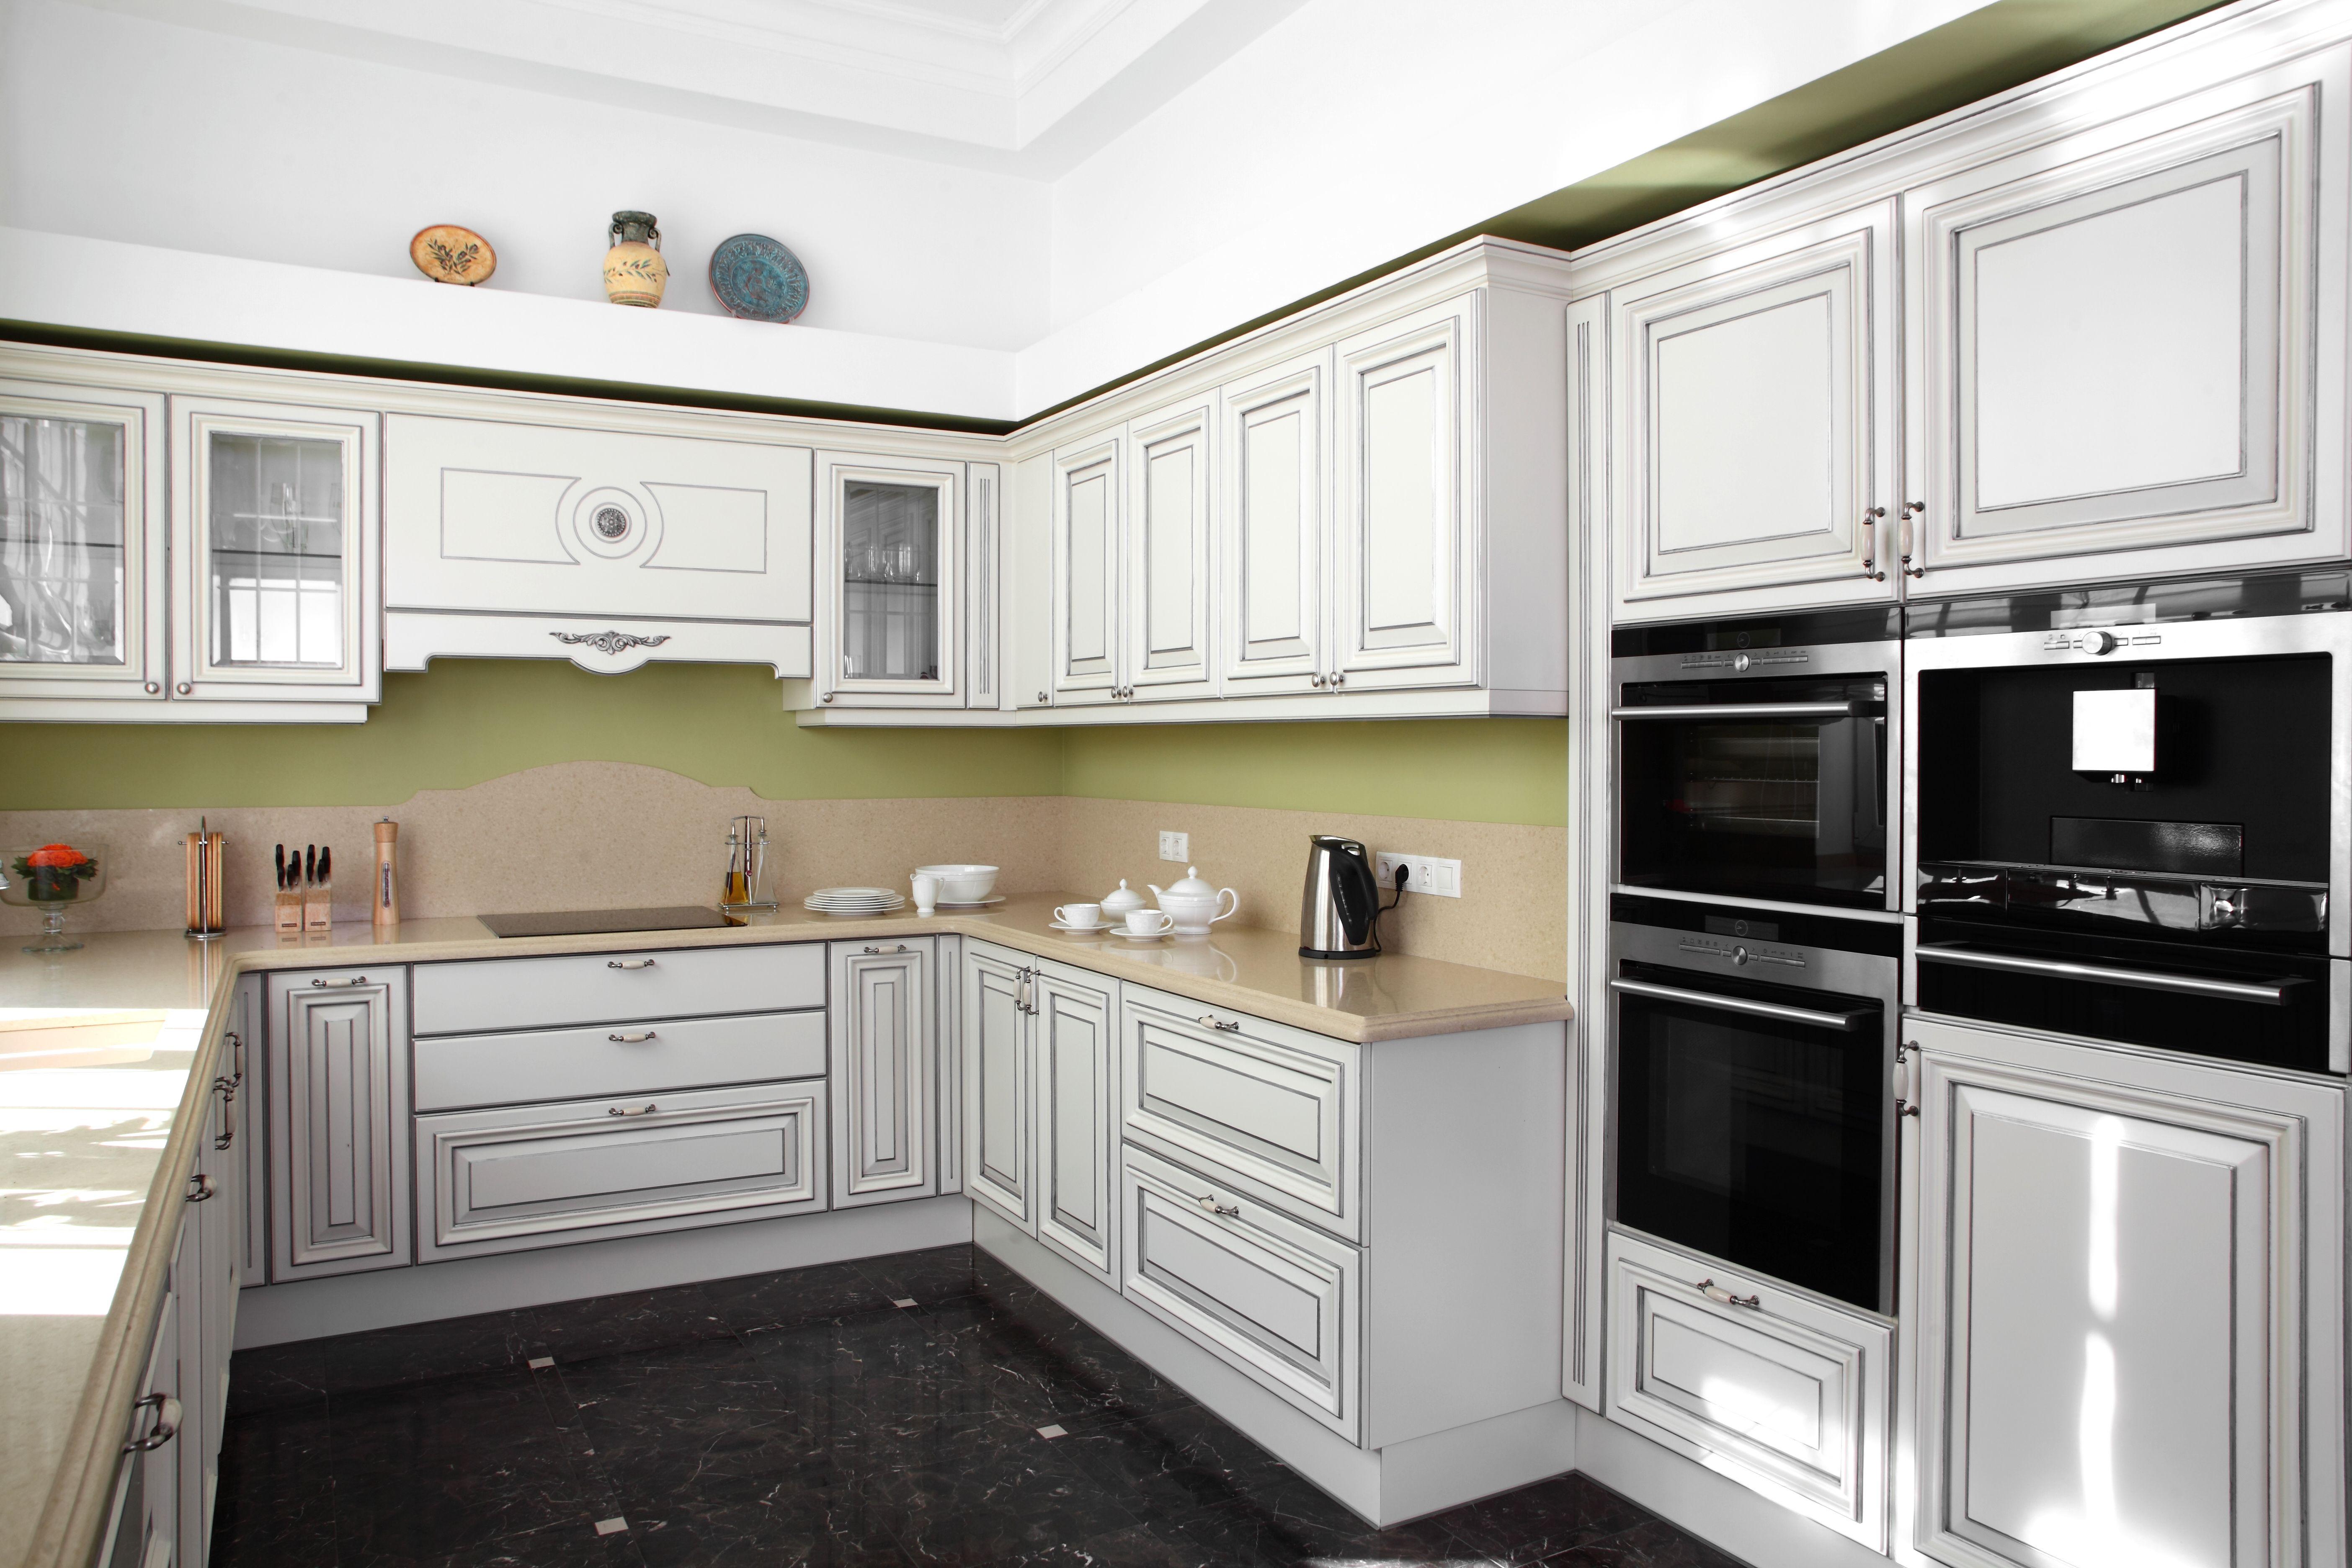 Elegancka Drewniana Biala Kuchnia Z Szarymi Zarysami Delikatny Jasny Blat Dopelnia Subtelnej Aranzacji Elegant Wooden White Kitchen With Gray Outlines